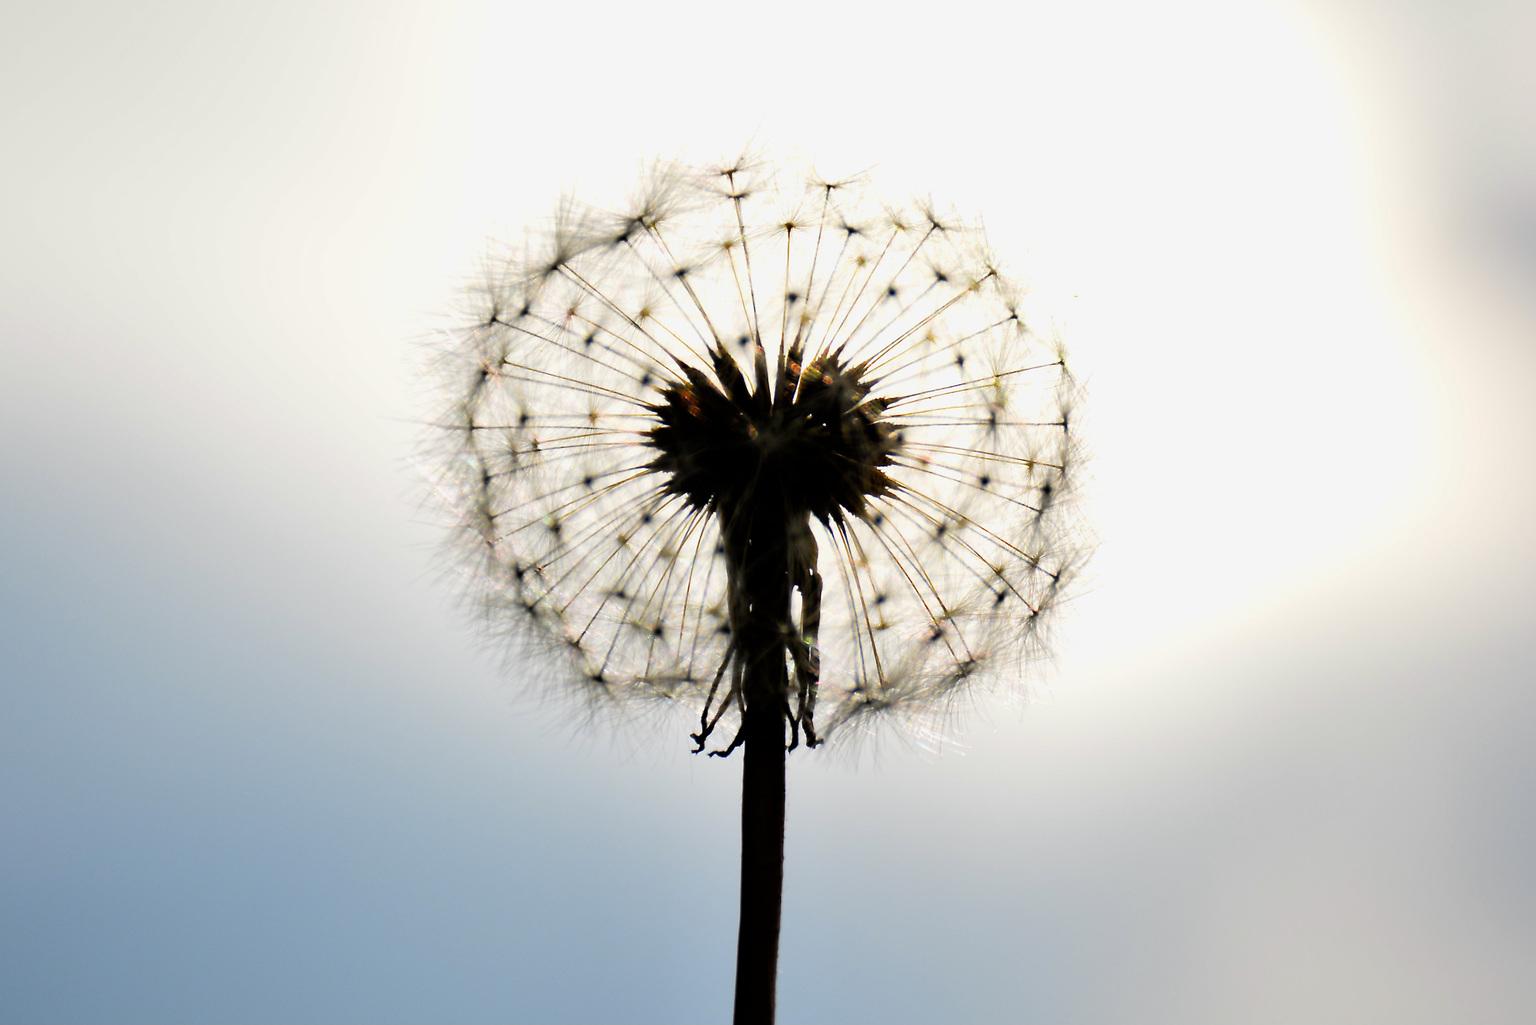 Paardebloem - Paardebloem tegenlichtopnamen  - foto door winnybiets op 04-05-2021 - deze foto bevat: bloem, lucht, fabriek, wolk, natuur, bloemblaadje, zonlicht, atmosferisch fenomeen, gras, bloeiende plant